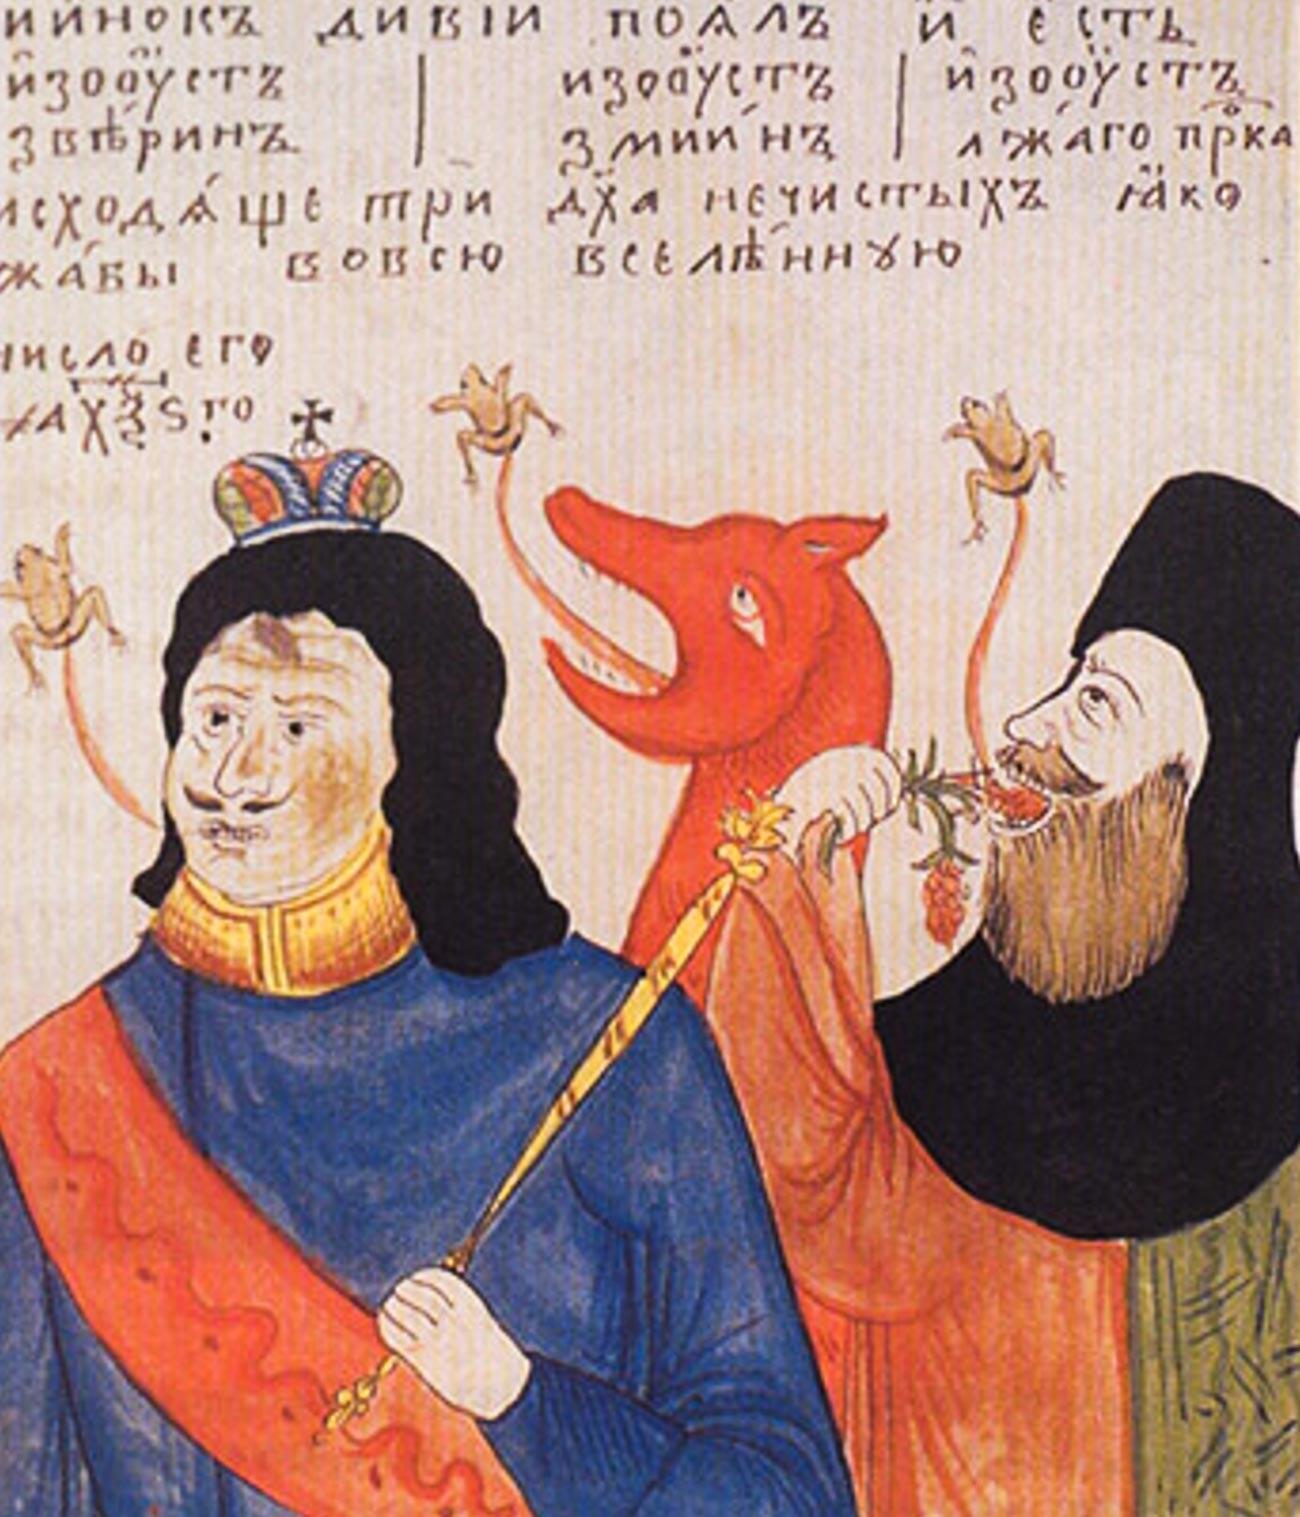 Eine Karikatur der Altgläubigen, die Zar Peter als Antichrist darstellt.